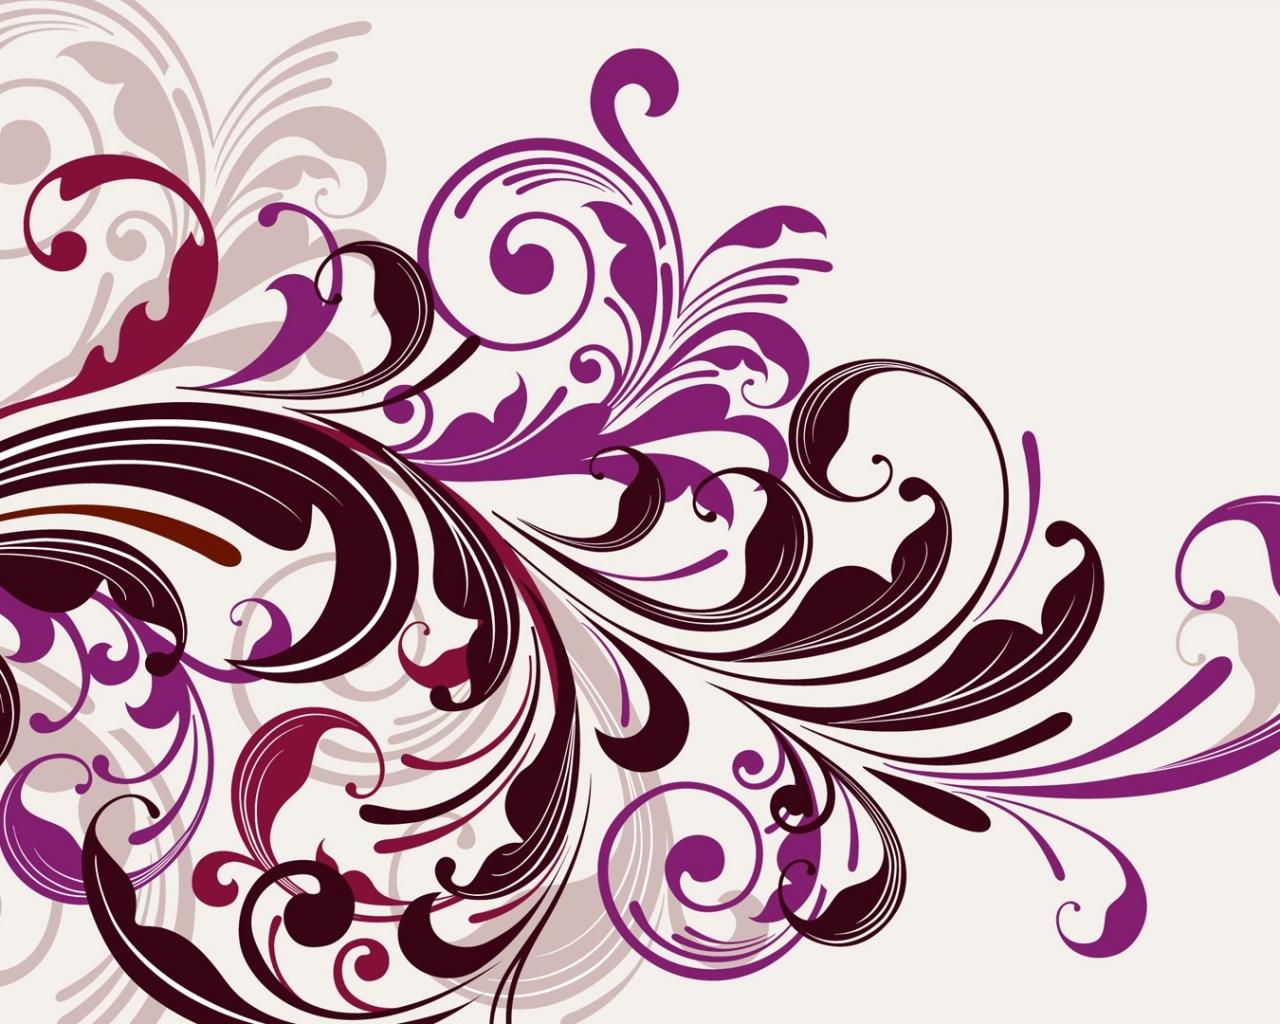 Flores abstractas - 1280x1024